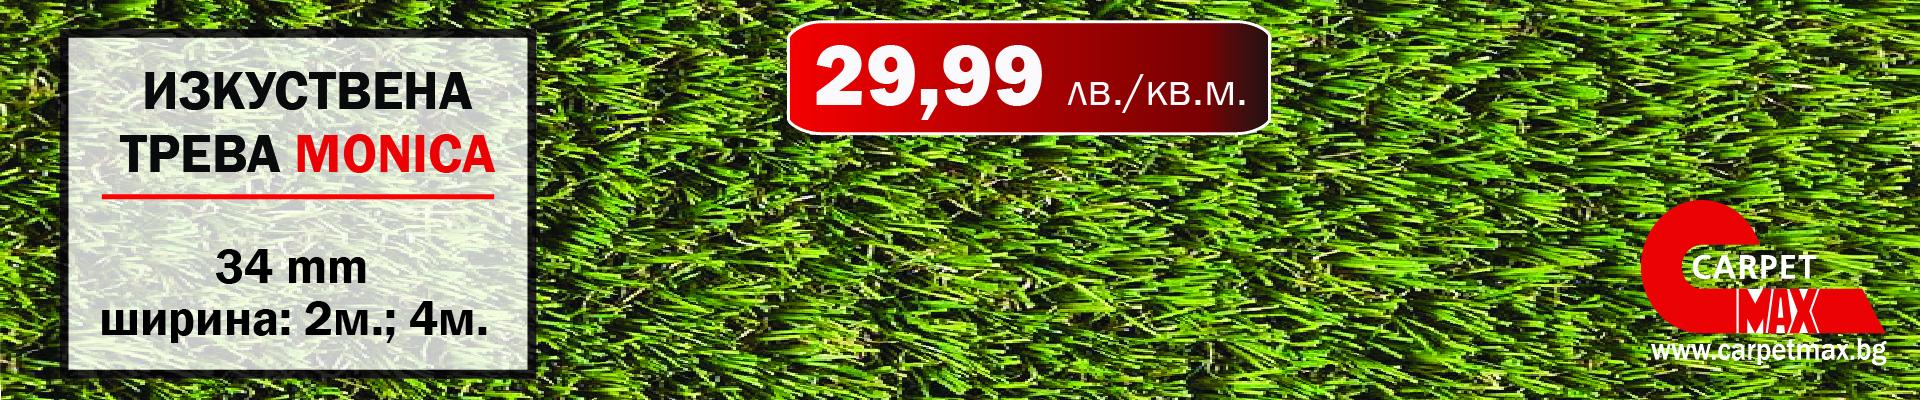 Изкуствена трева Monica 29.99